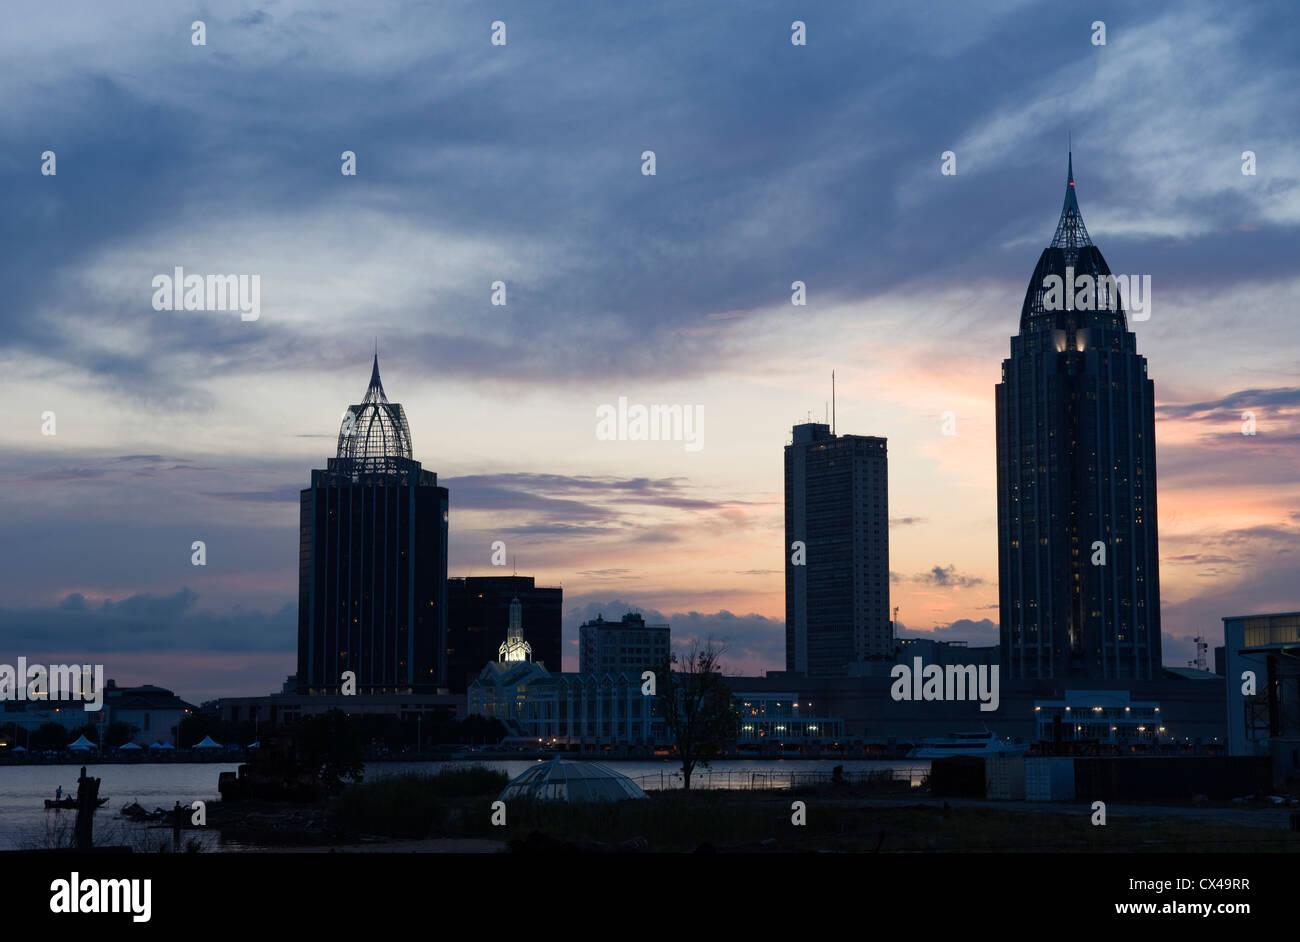 RSA SCHLACHT HAUS HOCHHAUS SKYLINE INNENSTADT MOBILE ALABAMA USA Stockfoto